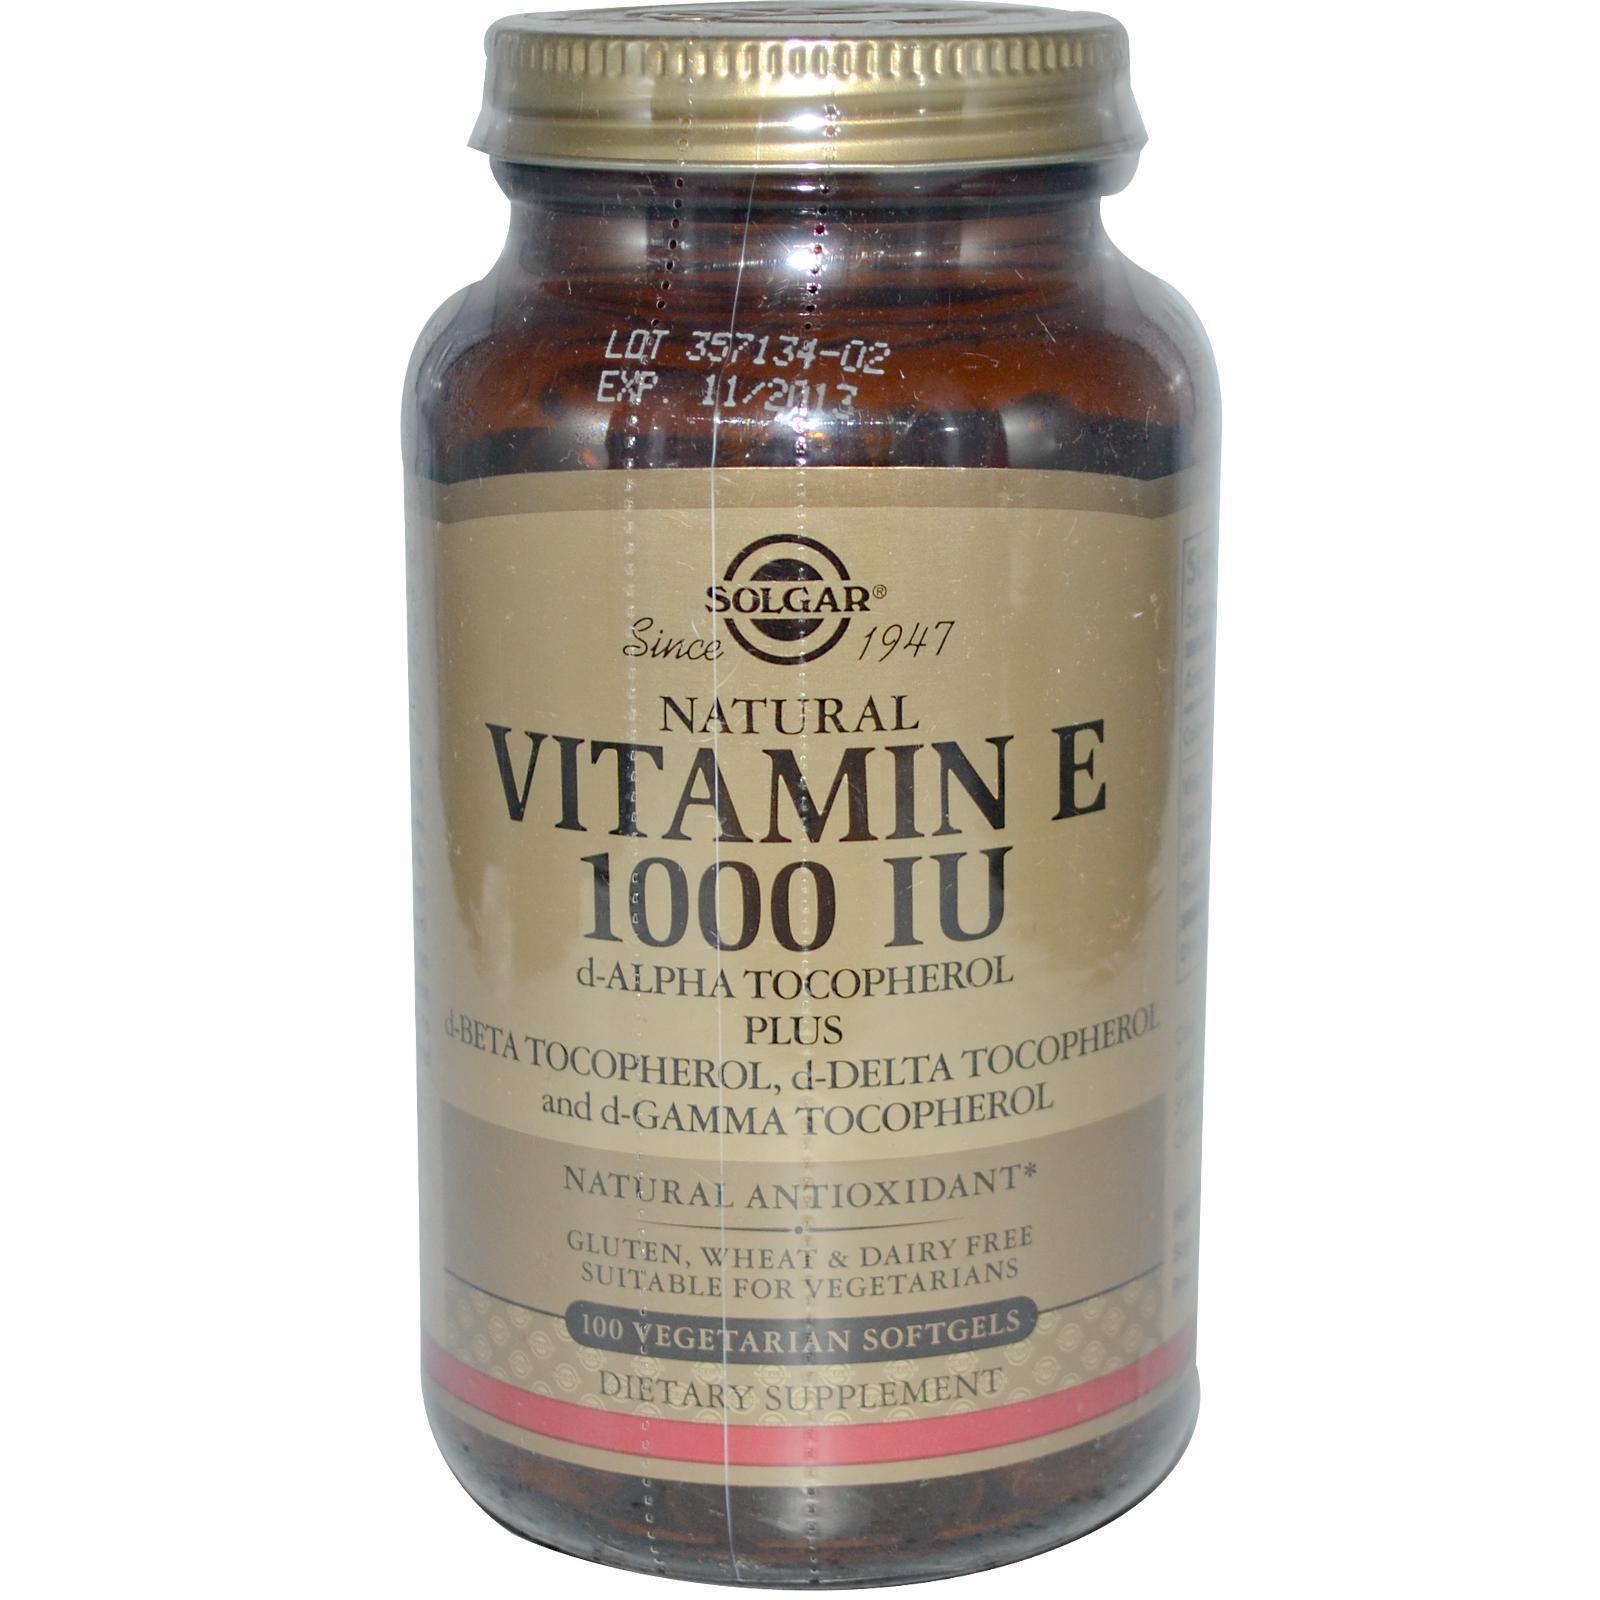 Solgar, naturale vitamina E, 1000 IU , VEGETARIANO 100 VEGETARIANO , Capsule Morbide 017997